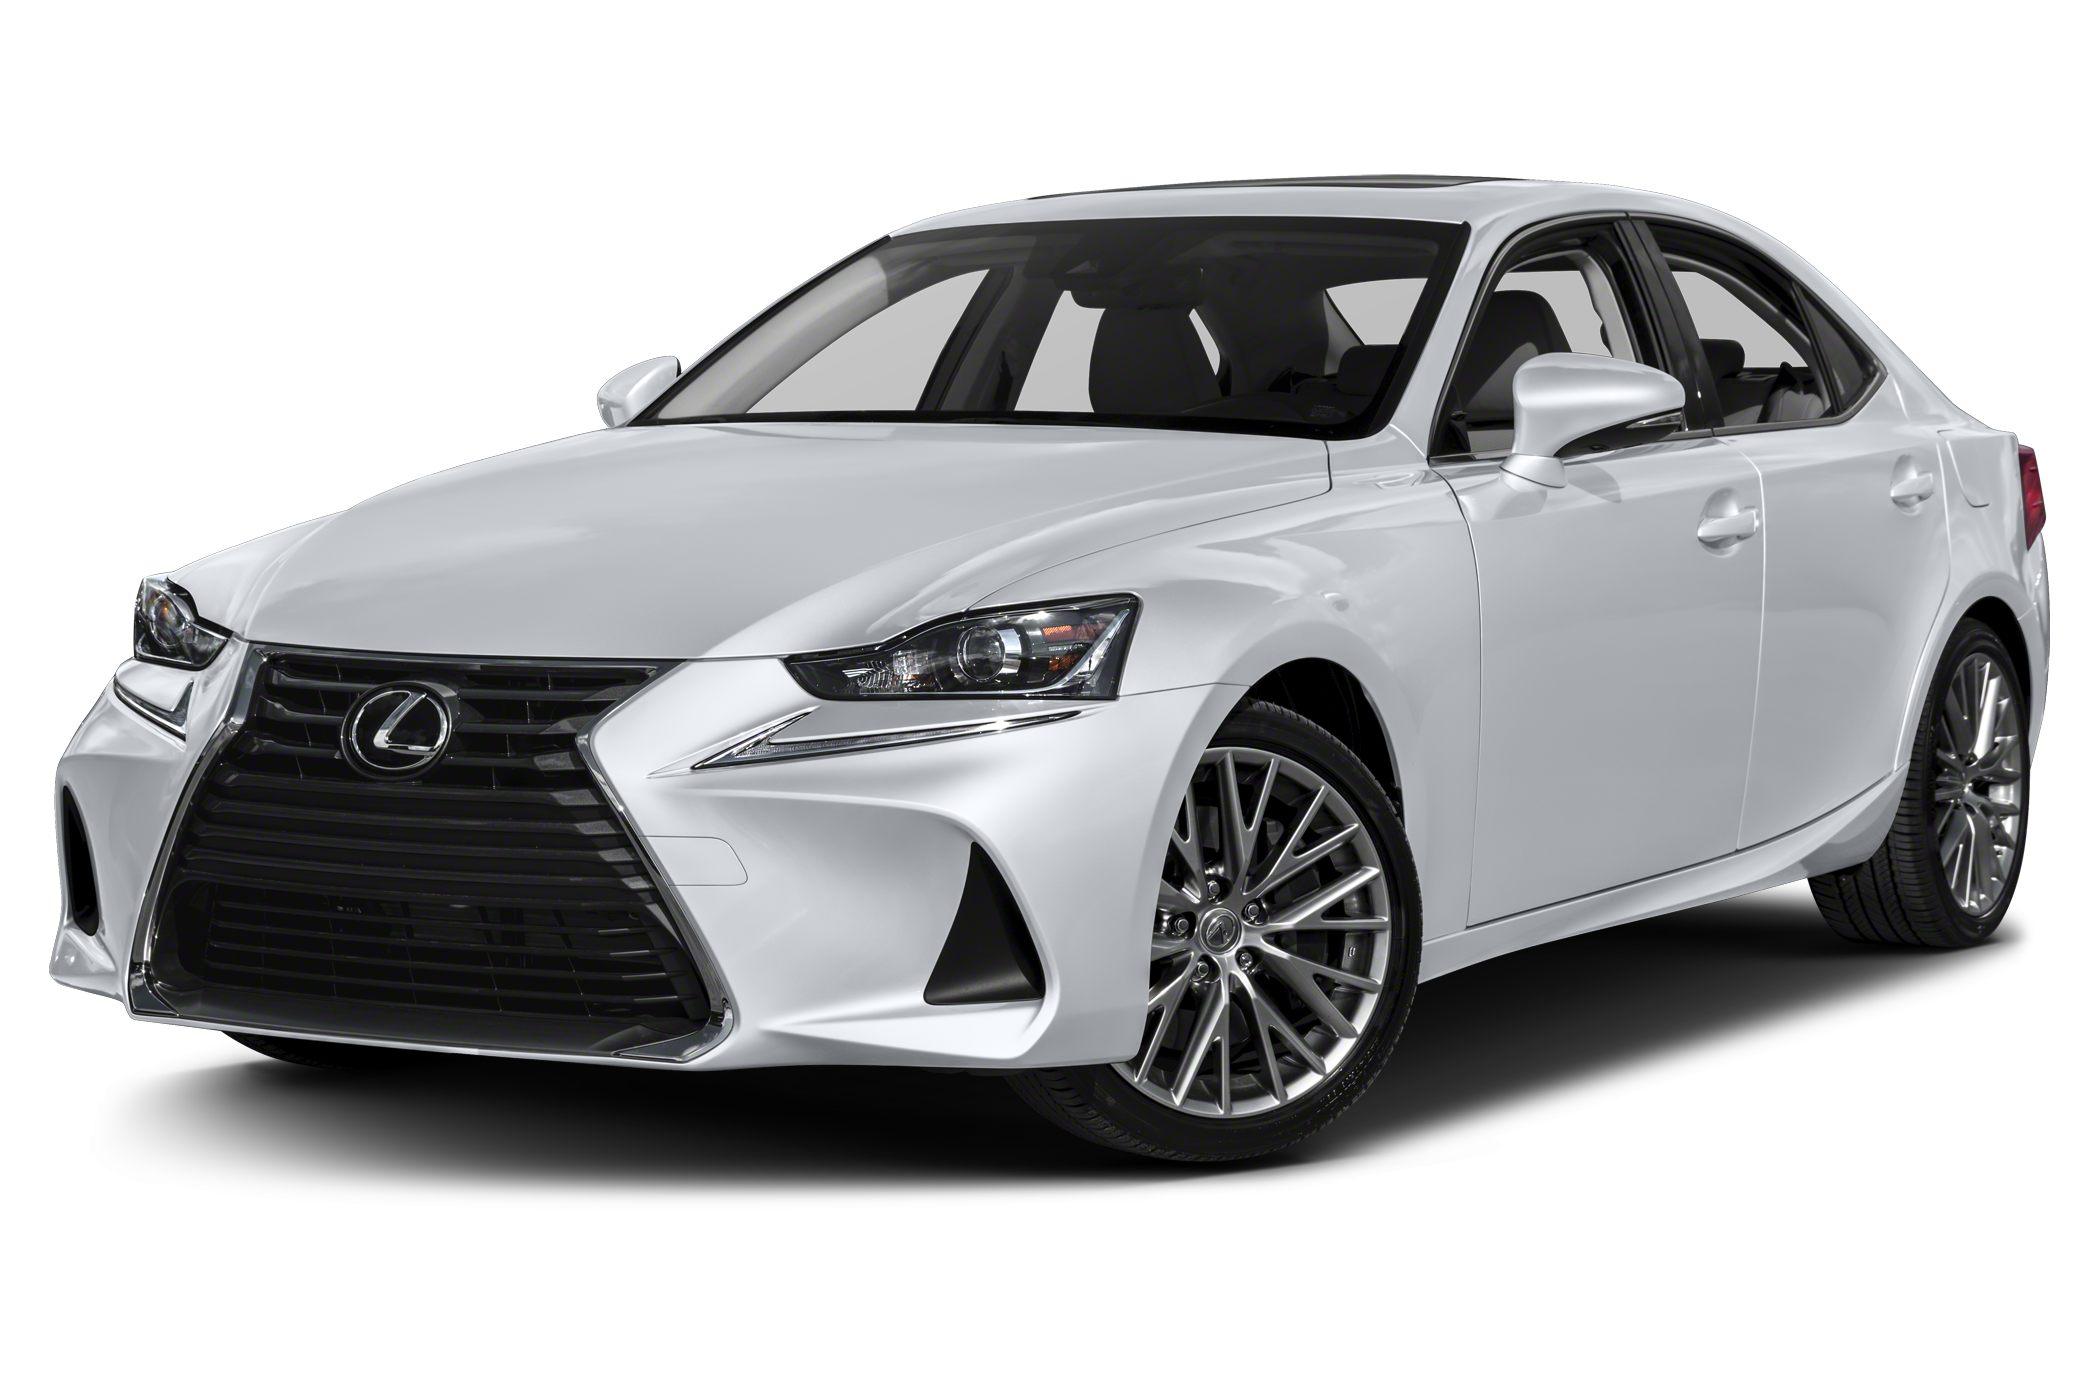 2017 Lexus Is 200t Recalls